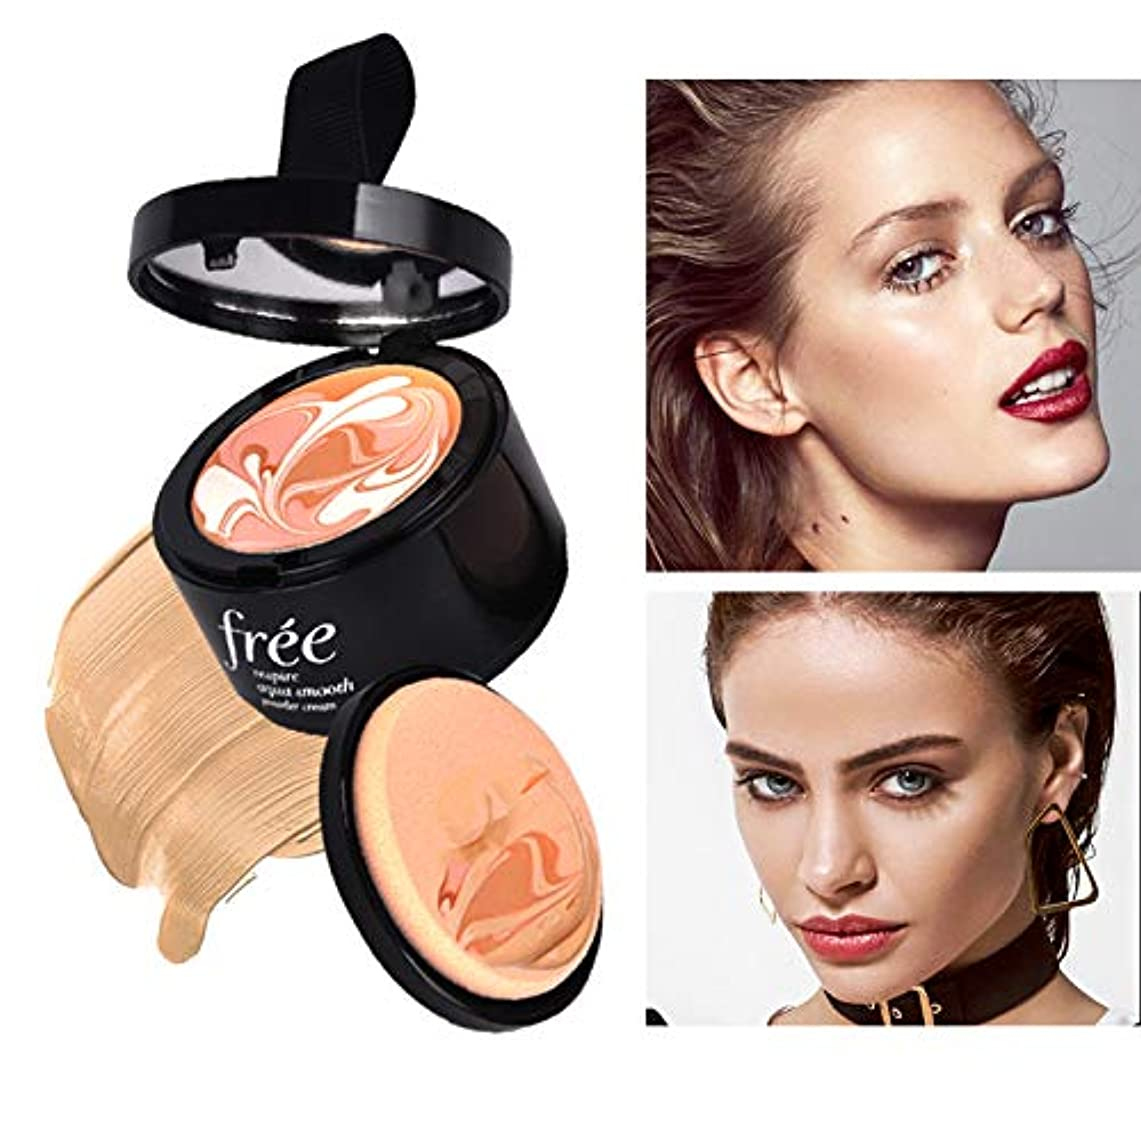 ばかげた大いにブラシFoundation Cream Concealer moisturizing Whitening flawless makeup For Face Beauty Base Makeup ファンデーションクリームコンシーラーモイスチャライジングホワイトニングフェイシャルメイクアップフェイシャルビューティベースメイクアップ